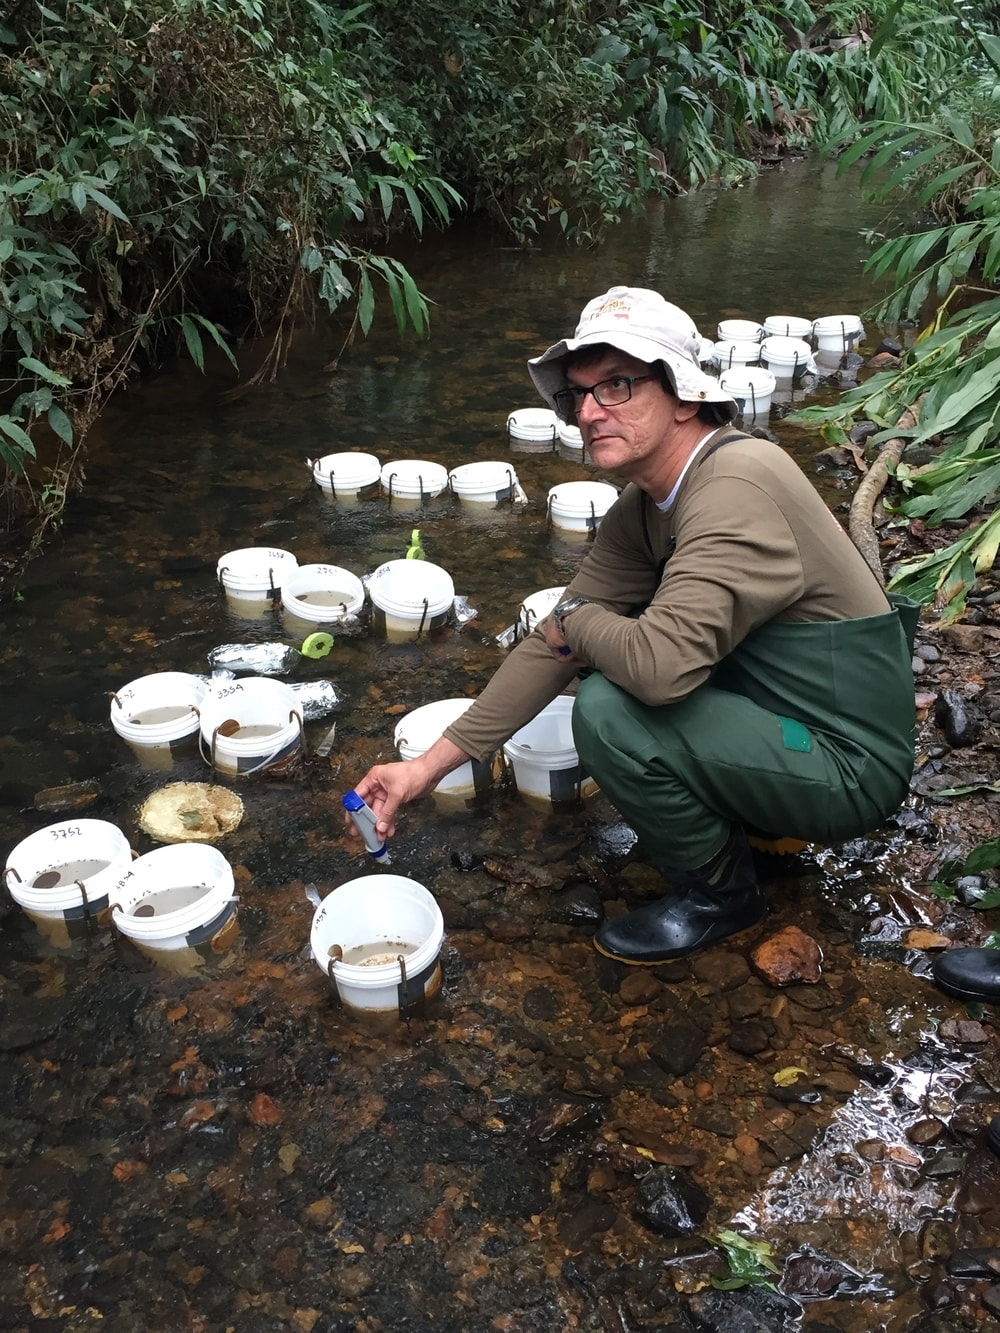 Mesocosmos implantados num rio para quantificar a supressão de algas (e produção primária) por invertebrados